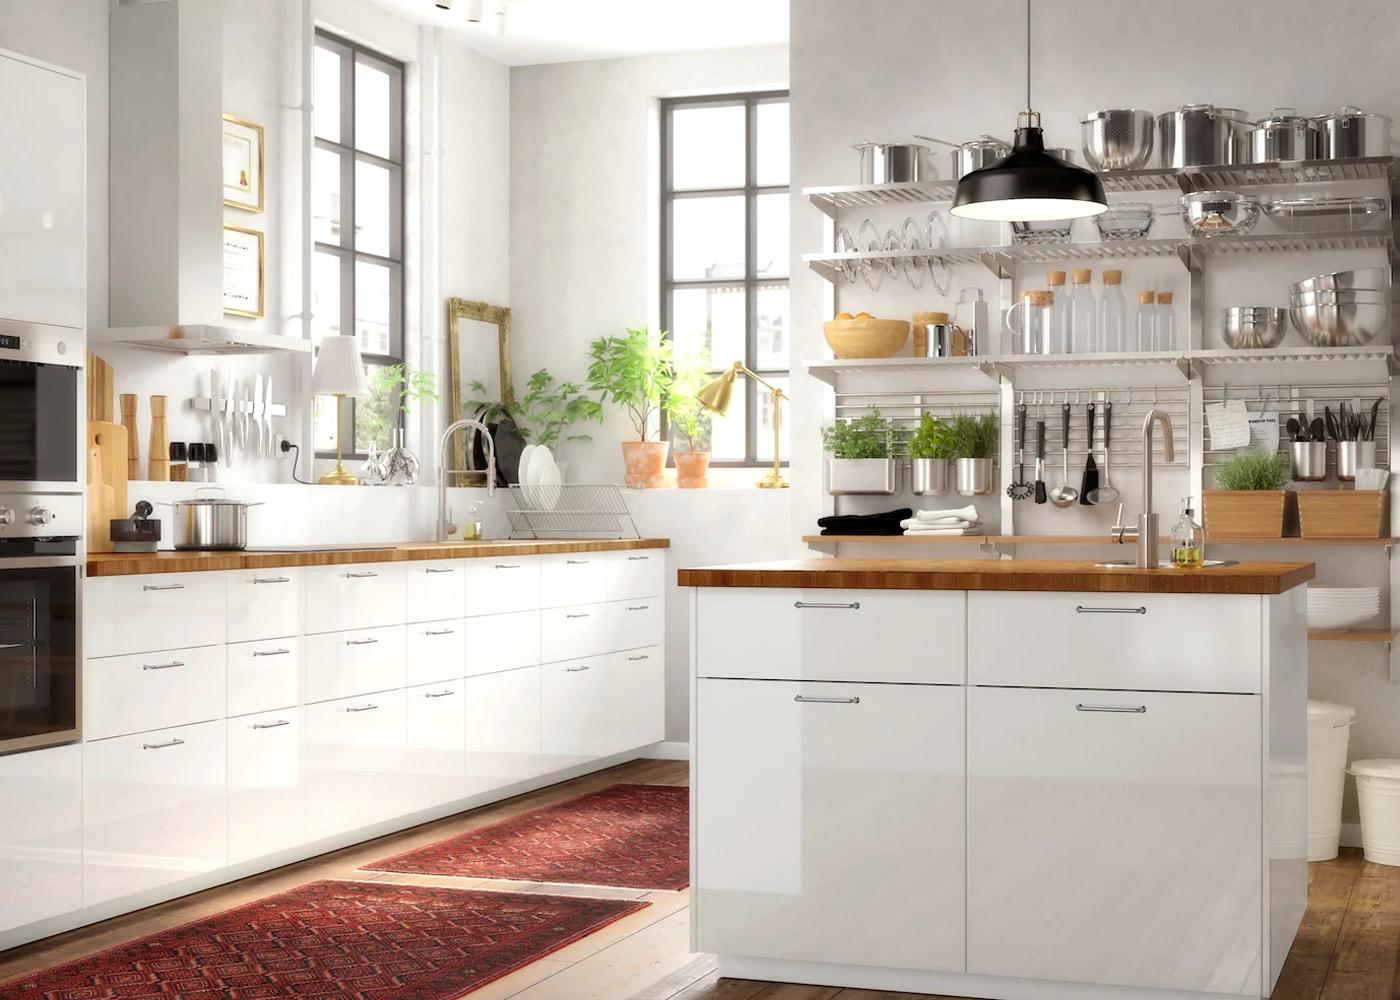 Full Size of Ikea Umtausch Kche Besten 25 Ideen Auf Sofa Mit Schlaffunktion Betten Bei Modulküche Küche Kosten Kaufen 160x200 Miniküche Wohnzimmer Ringhult Ikea